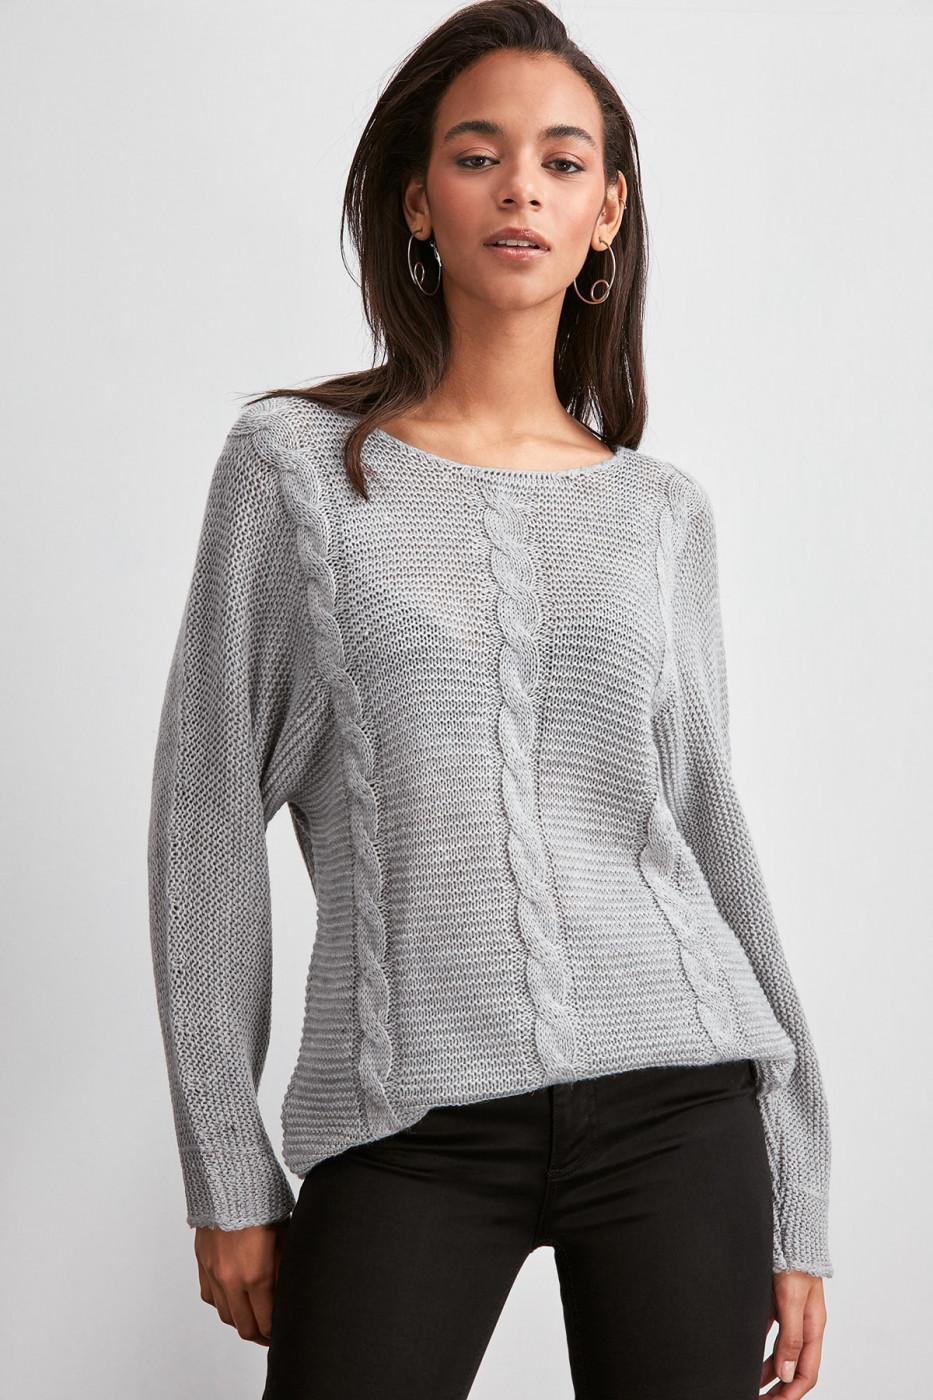 Trendyol Grey Knitted Detailed Knitwear Sweater